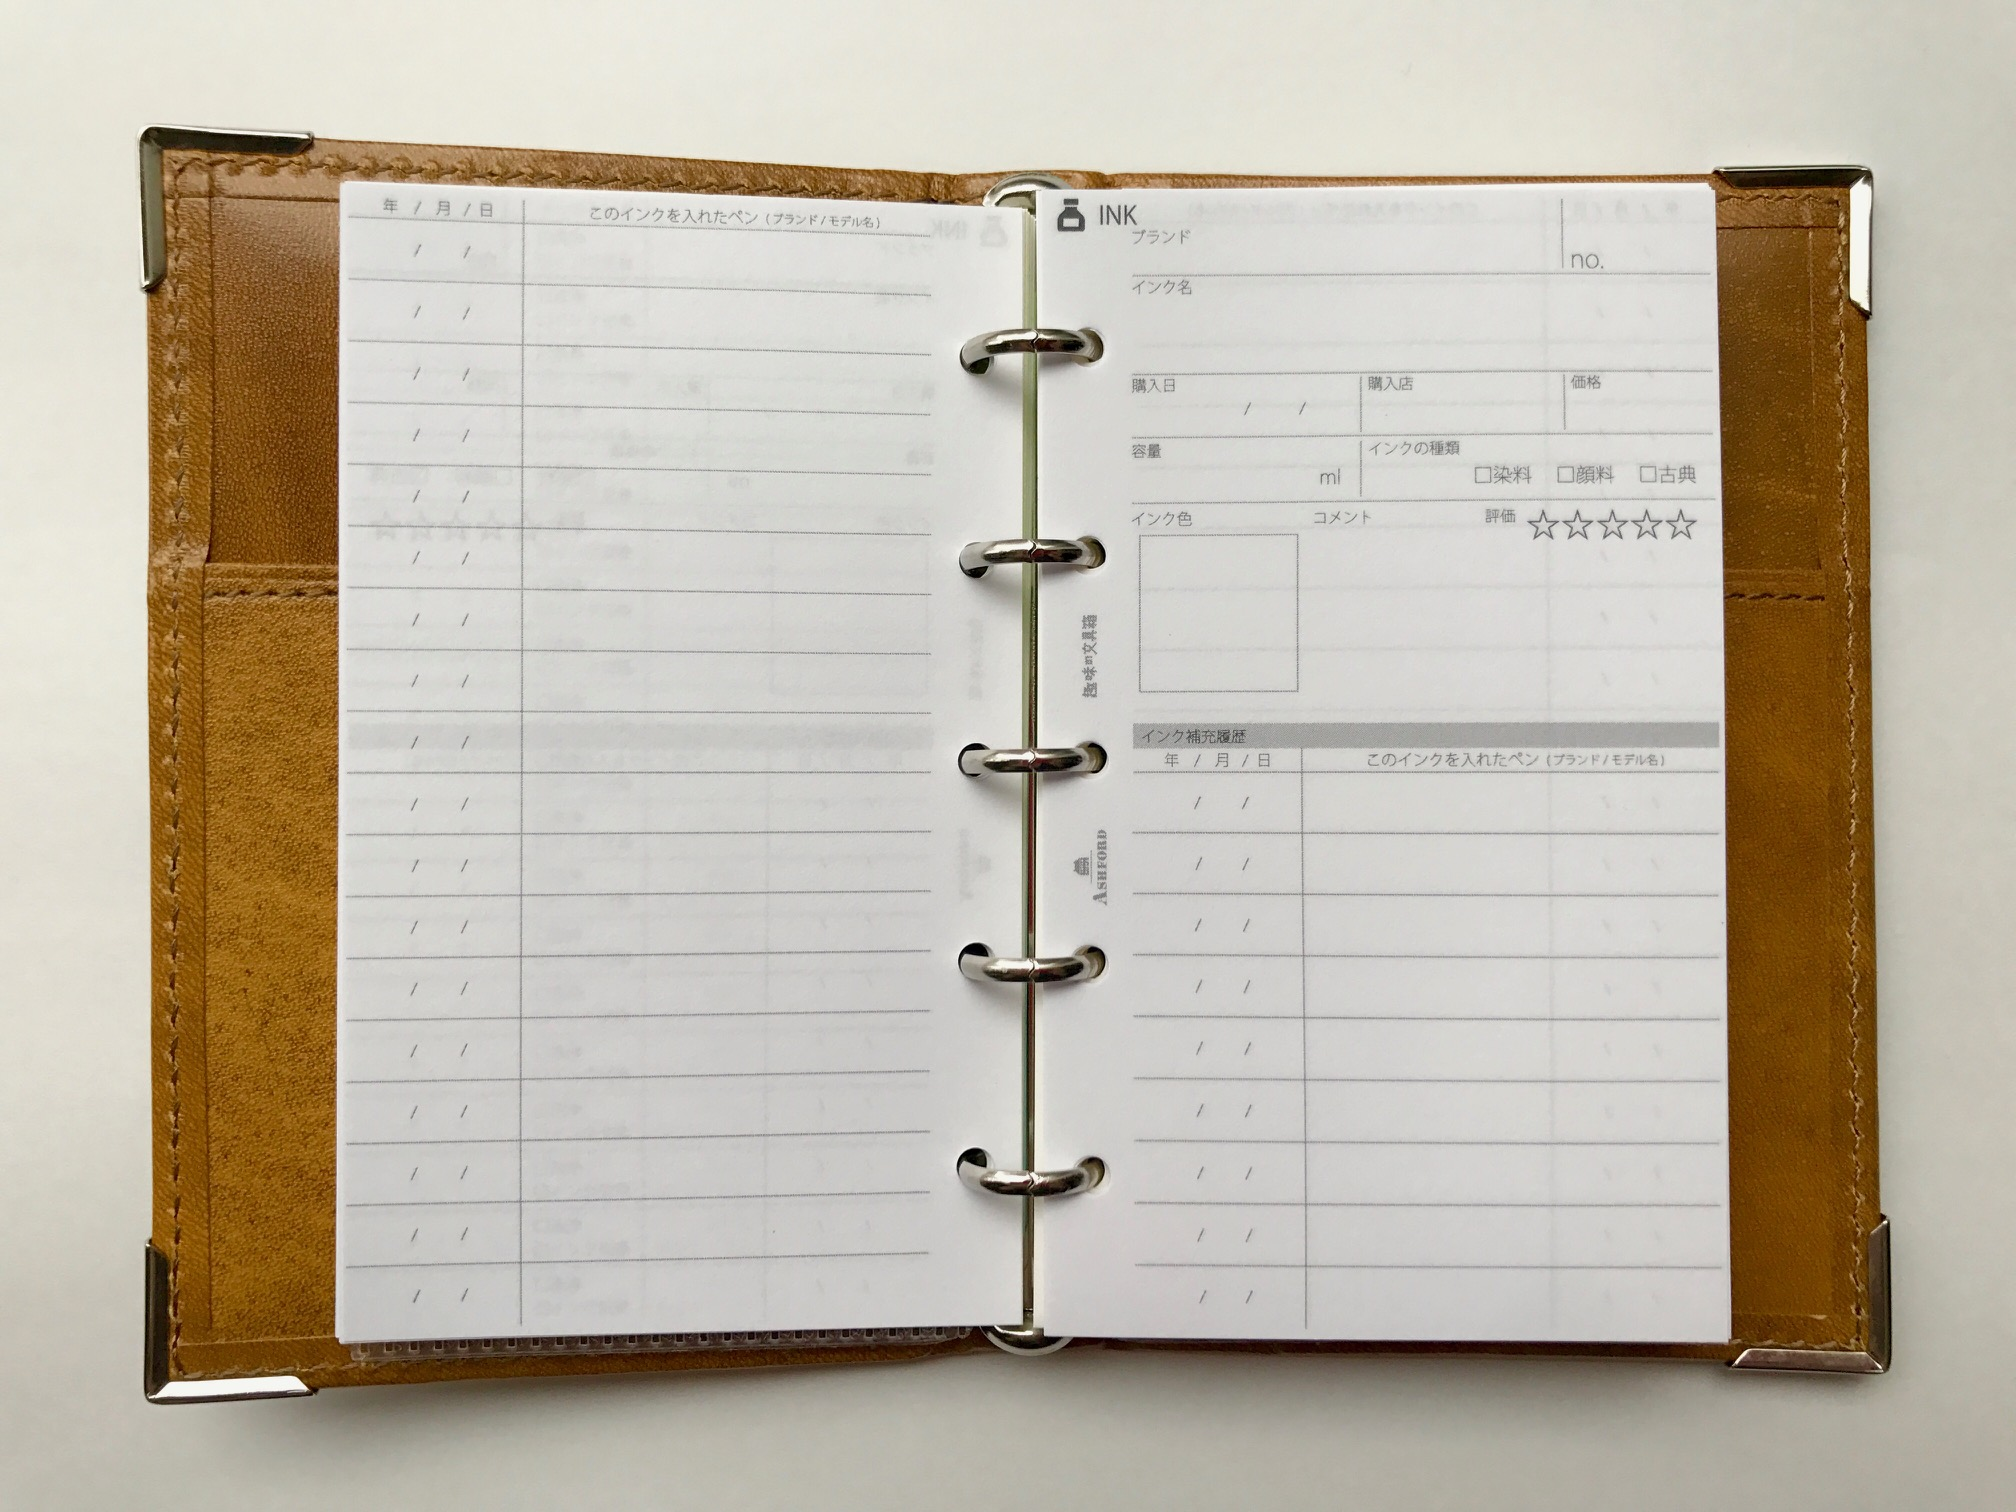 小日向京のひねもす文房具|第百六十回「アシュフォード マイクロ5 リフィル・ログリーフ&ライフログリフィルバー」